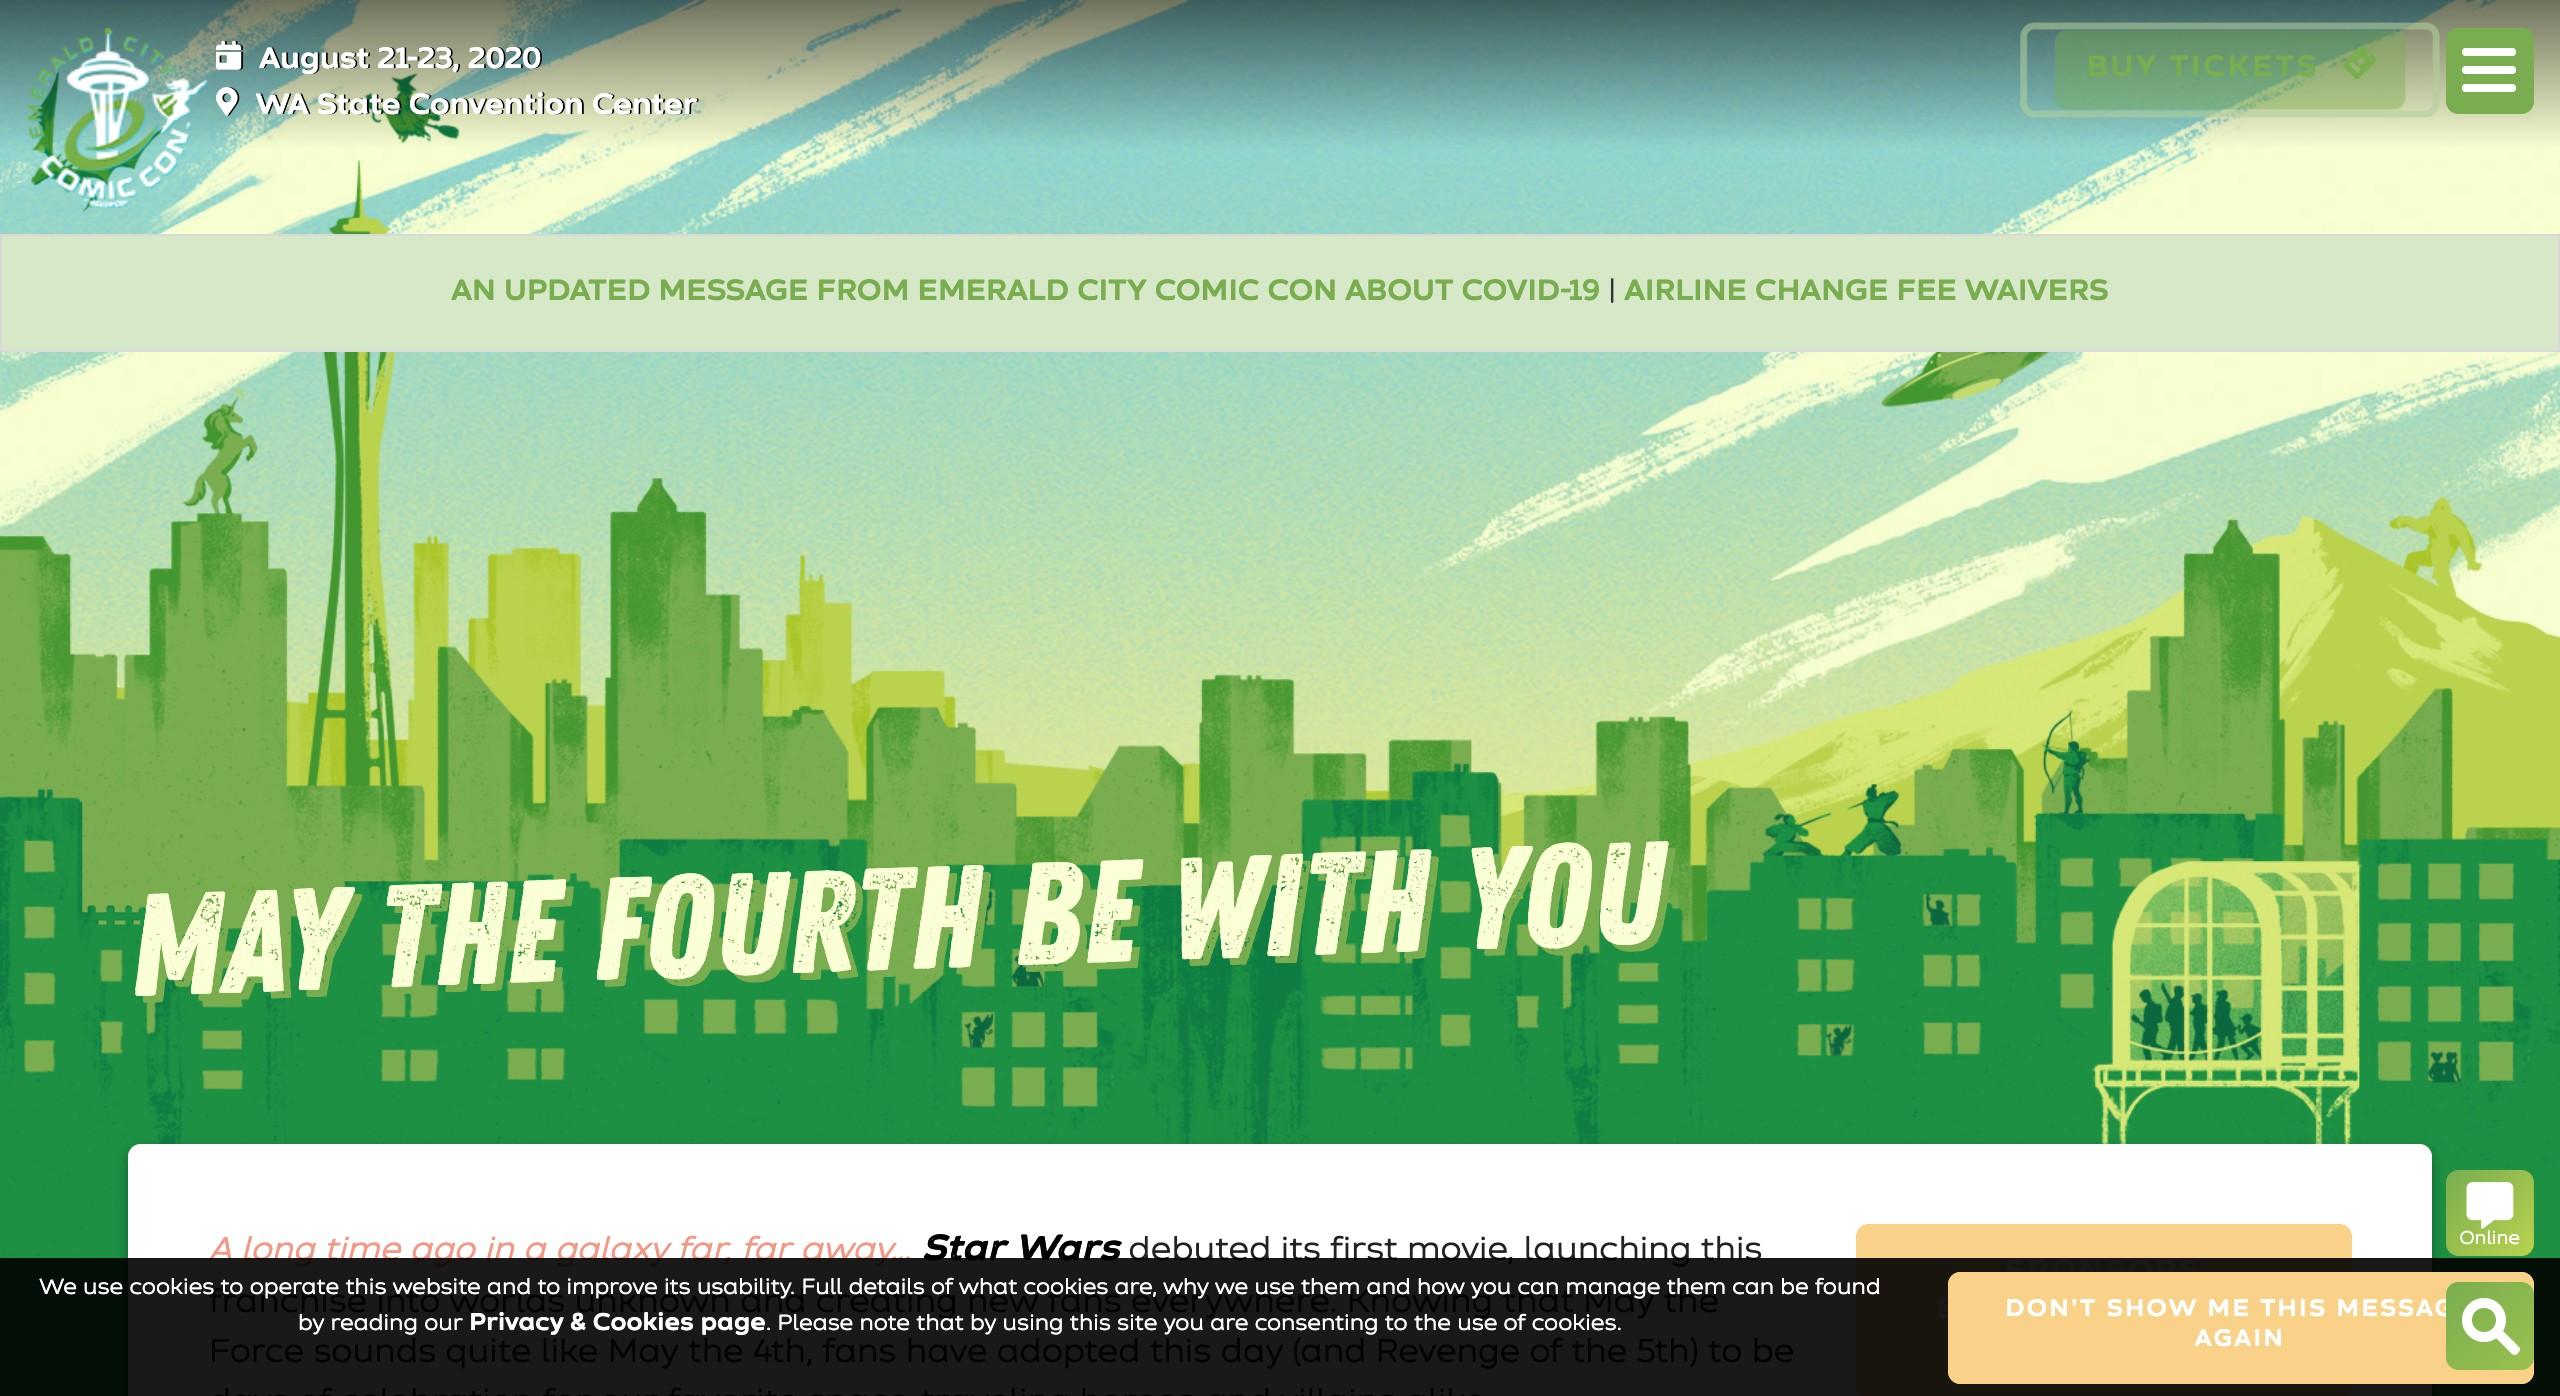 Star Wars Day - Emerald City Comic Con